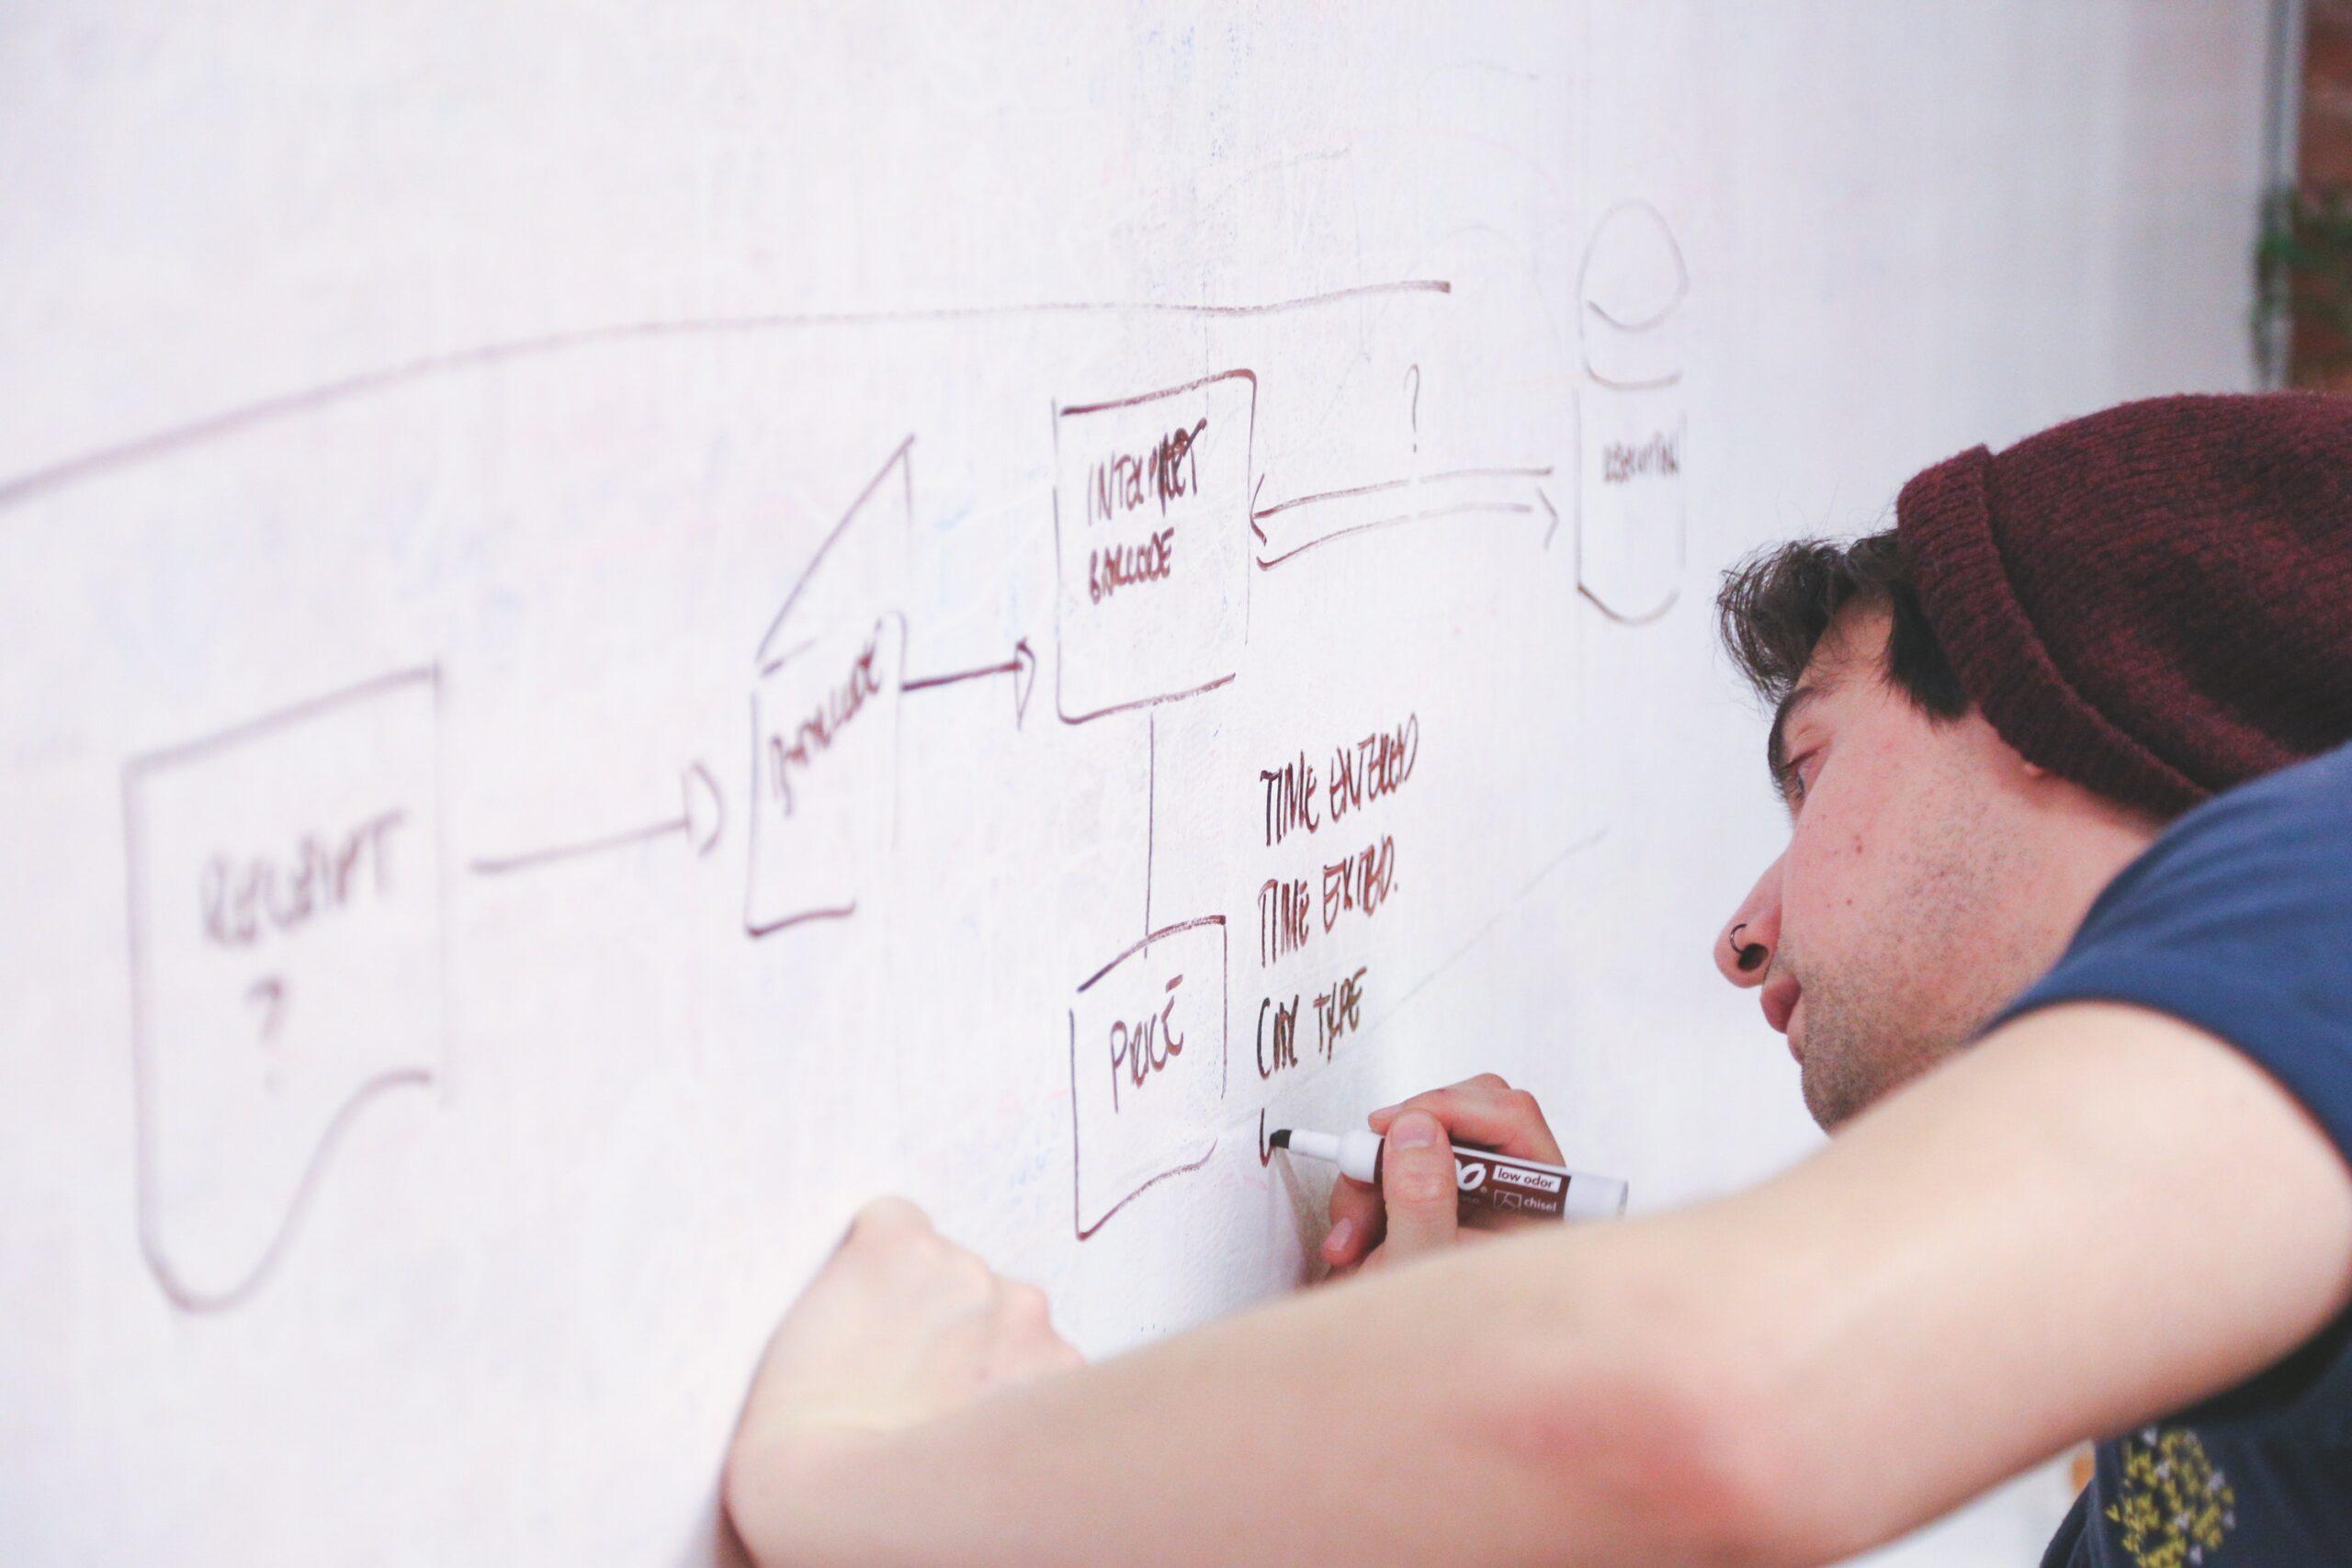 corso-startup-scaleup